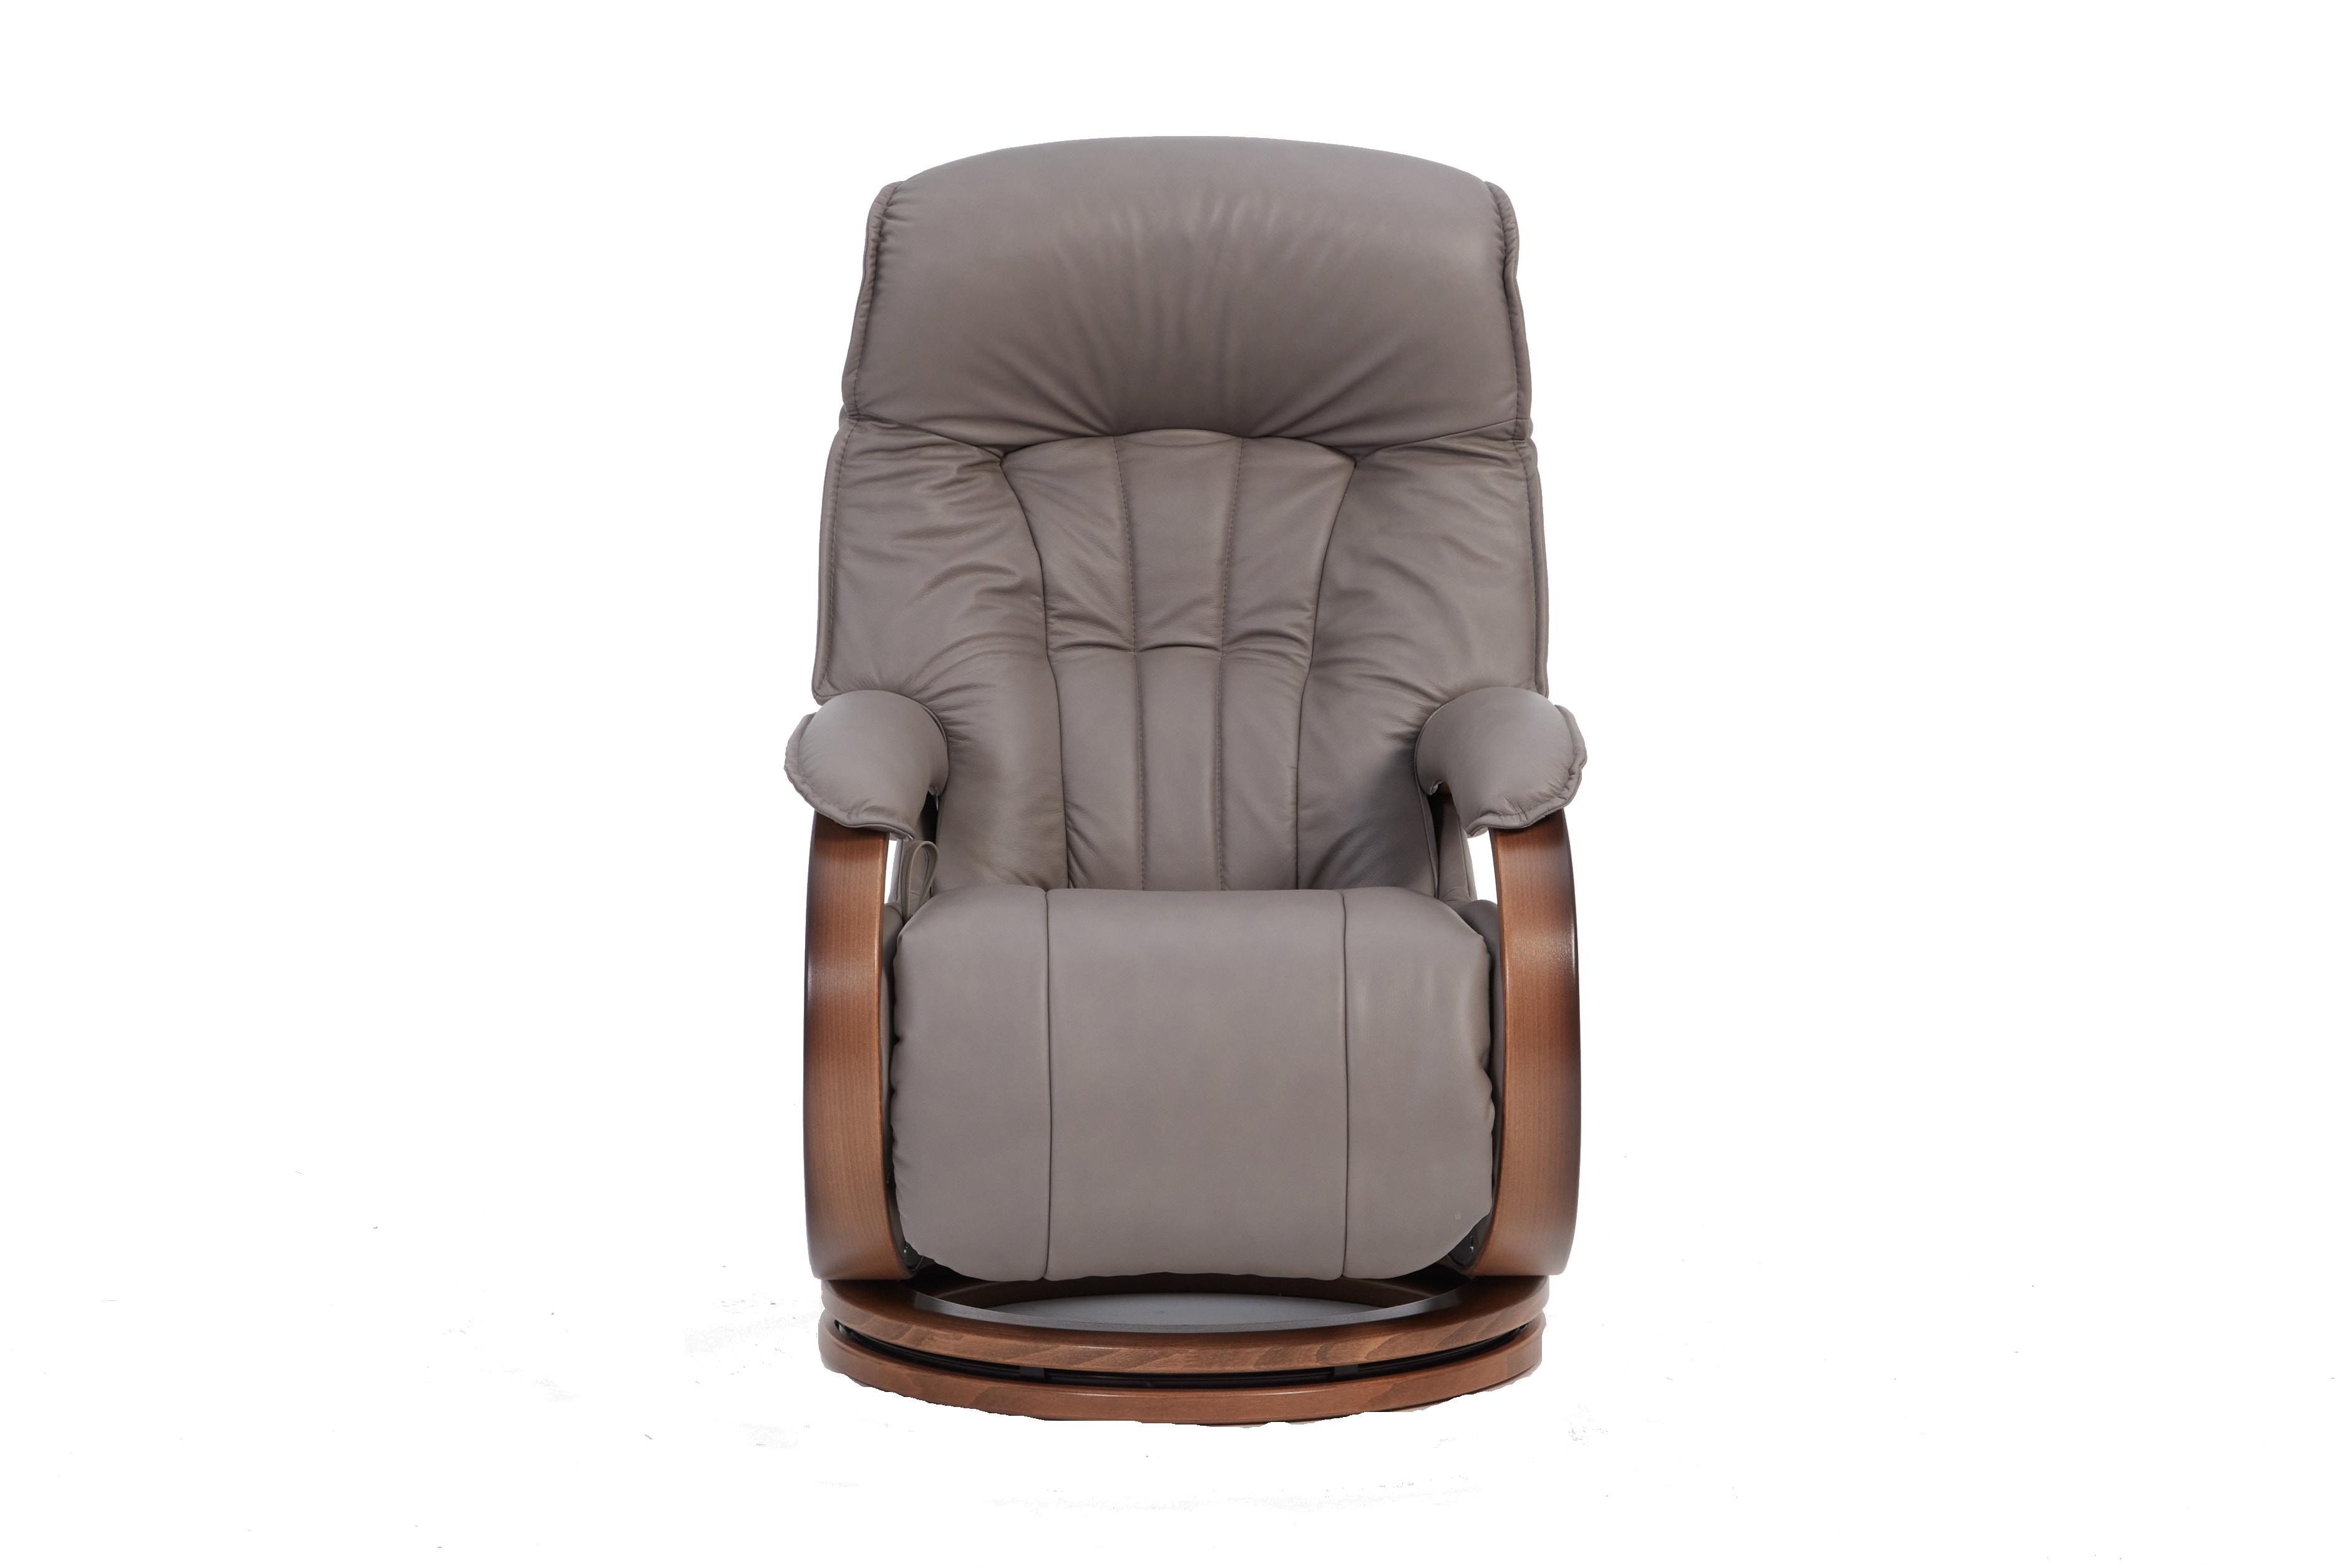 Himolla Mosel Midi Chair Manual